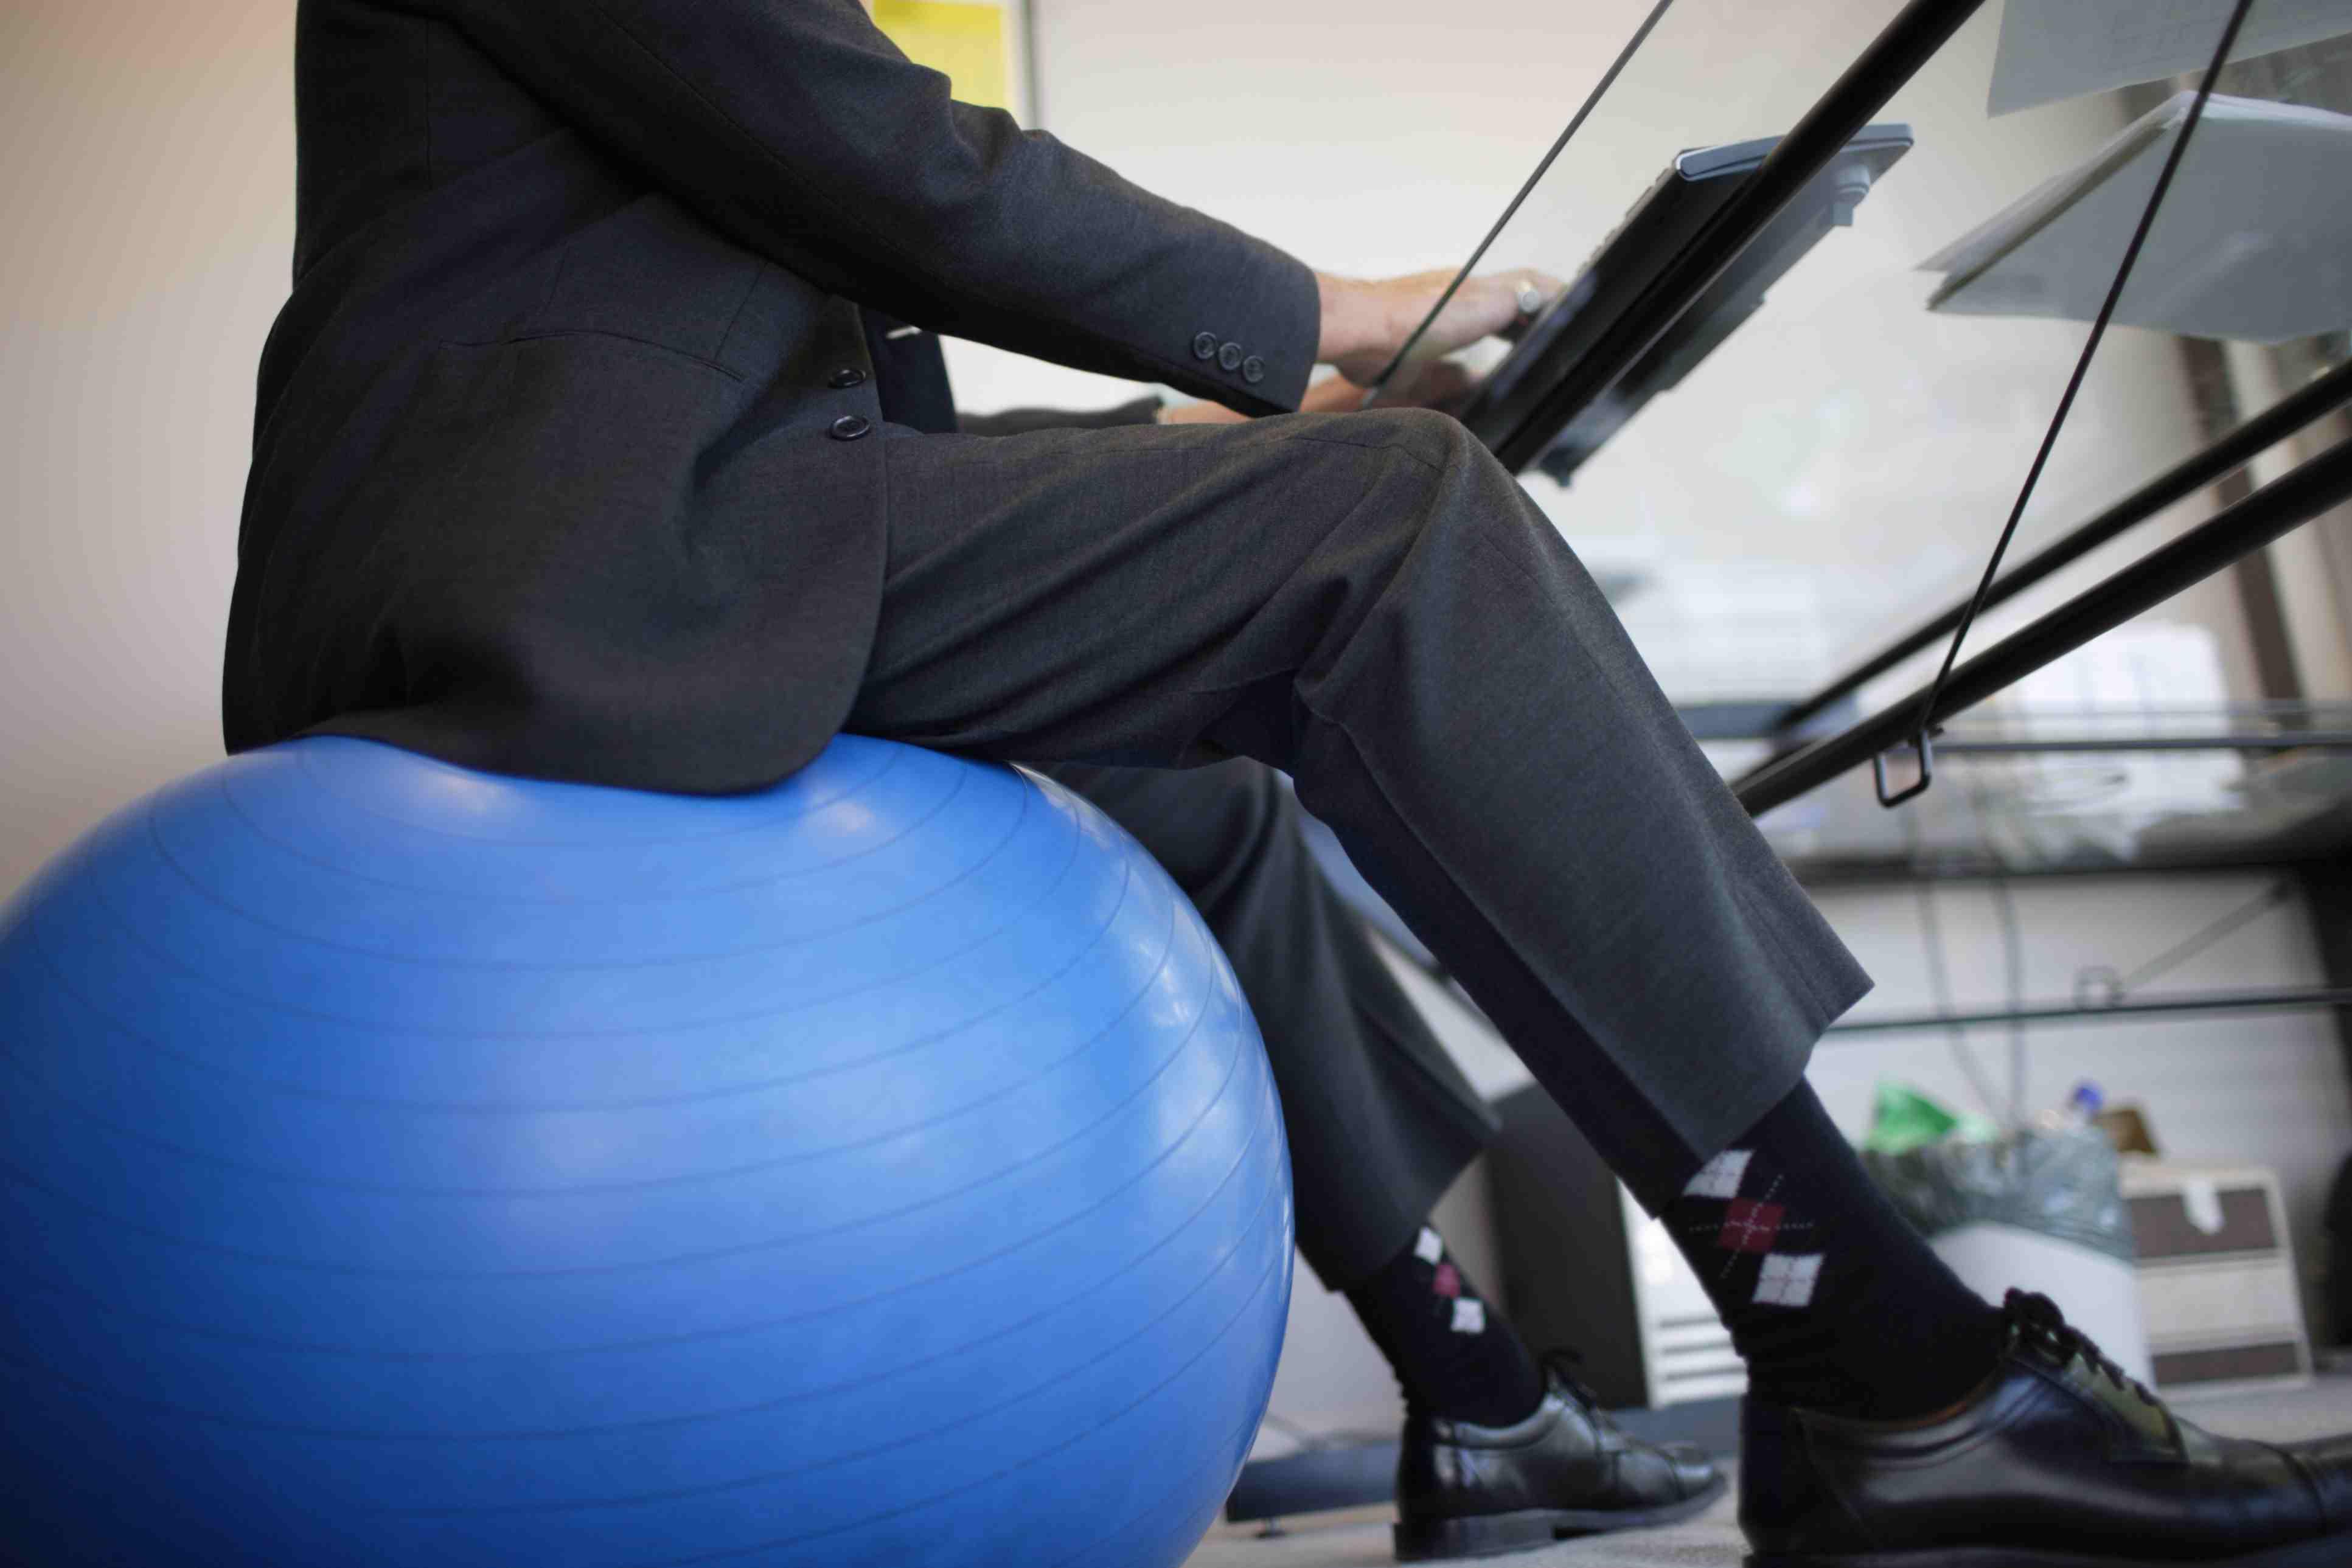 sitting exercise ball Darren Robb Stockbyte Getty 001 56a9db5d3df78cf772ab1c6b